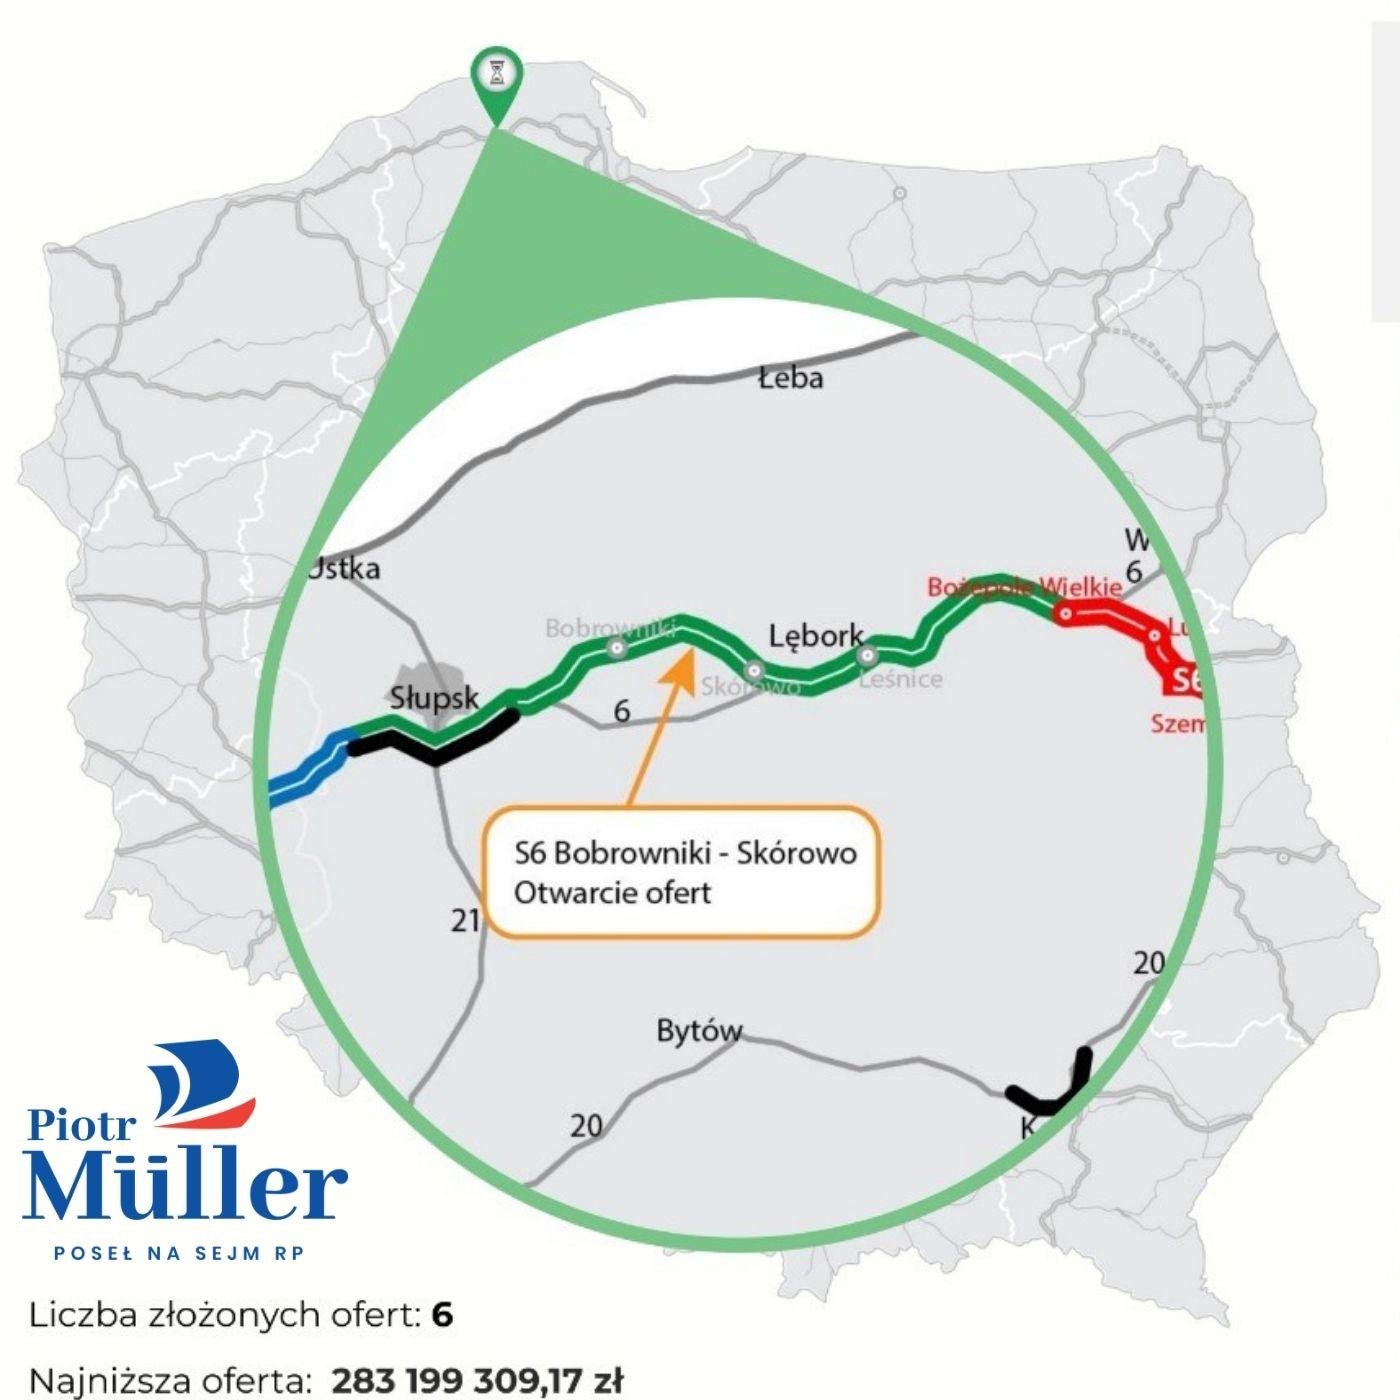 Otwarcie ofert na kolejny odcinek trasy S6 Bobrowniki – Skórowo